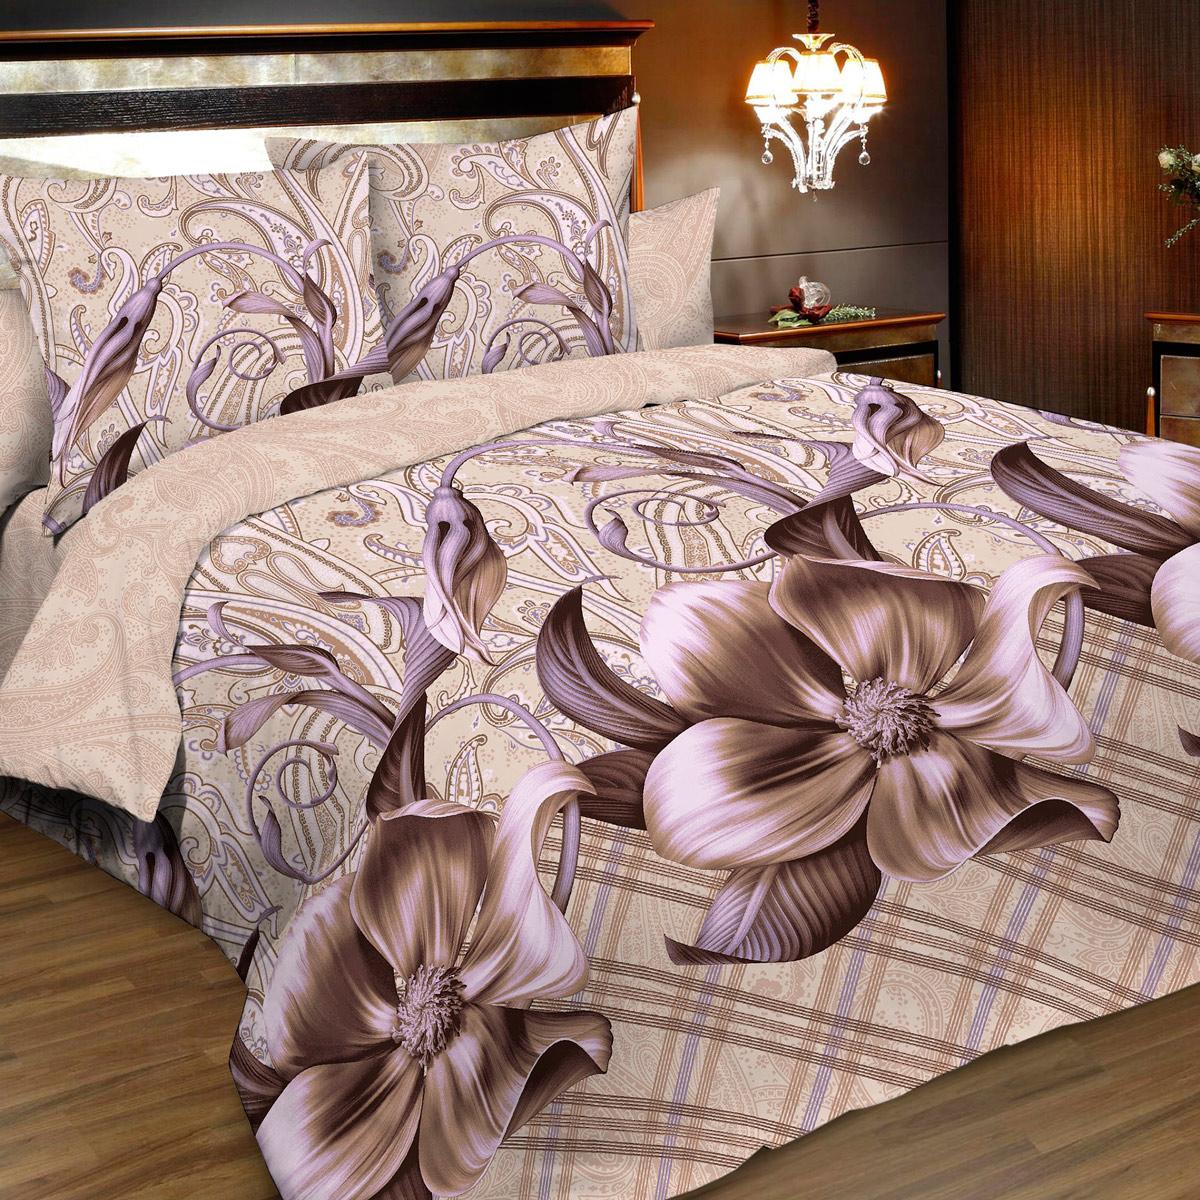 Комплект белья Letto, 1,5-спальный, наволочки 70х70. B181-3B181-3Комплект постельного белья Letto выполнен из классической российской бязи (хлопка). Комплект состоит из пододеяльника, простыни и двух наволочек. Постельное белье оформлено цветочным 3D рисунком и имеет изысканный внешний вид. Пододеяльник снабжен молнией. Благодаря такому комплекту постельного белья вы сможете создать атмосферу роскоши и романтики в вашей спальне. Уважаемые клиенты! Обращаем ваше внимание на тот факт, что расцветка наволочек может отличаться от представленной на фото.